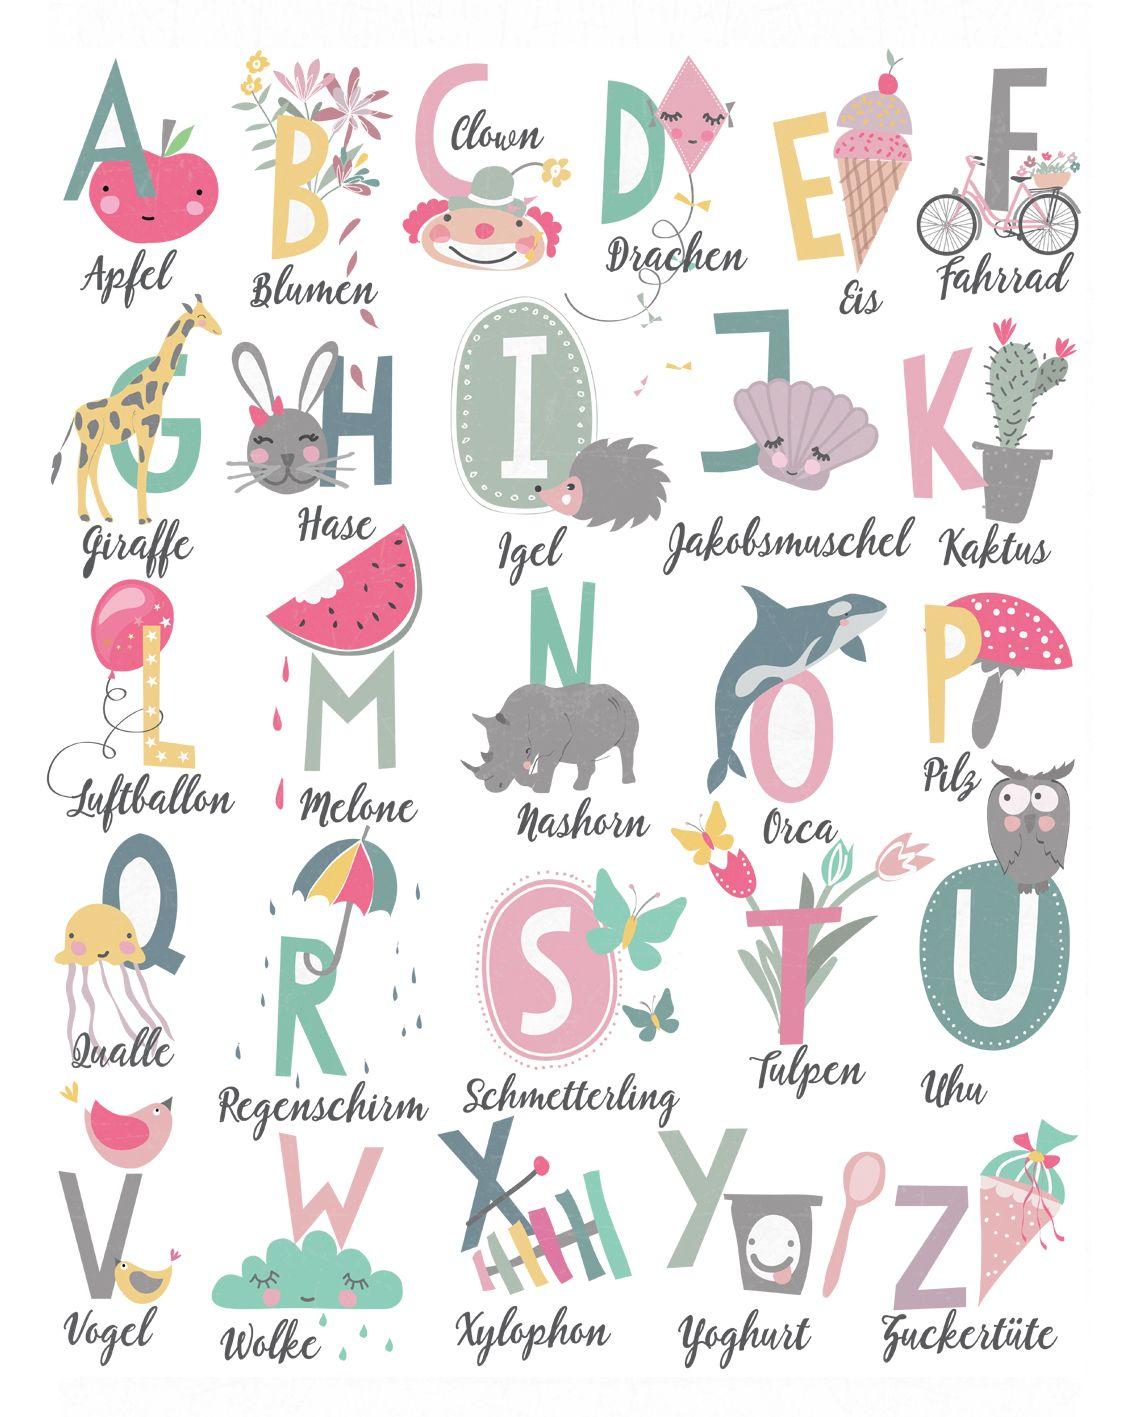 Alphabet Poster für meine kleine Nichte zur Schuleinführung, Größe 40 x 50 cm